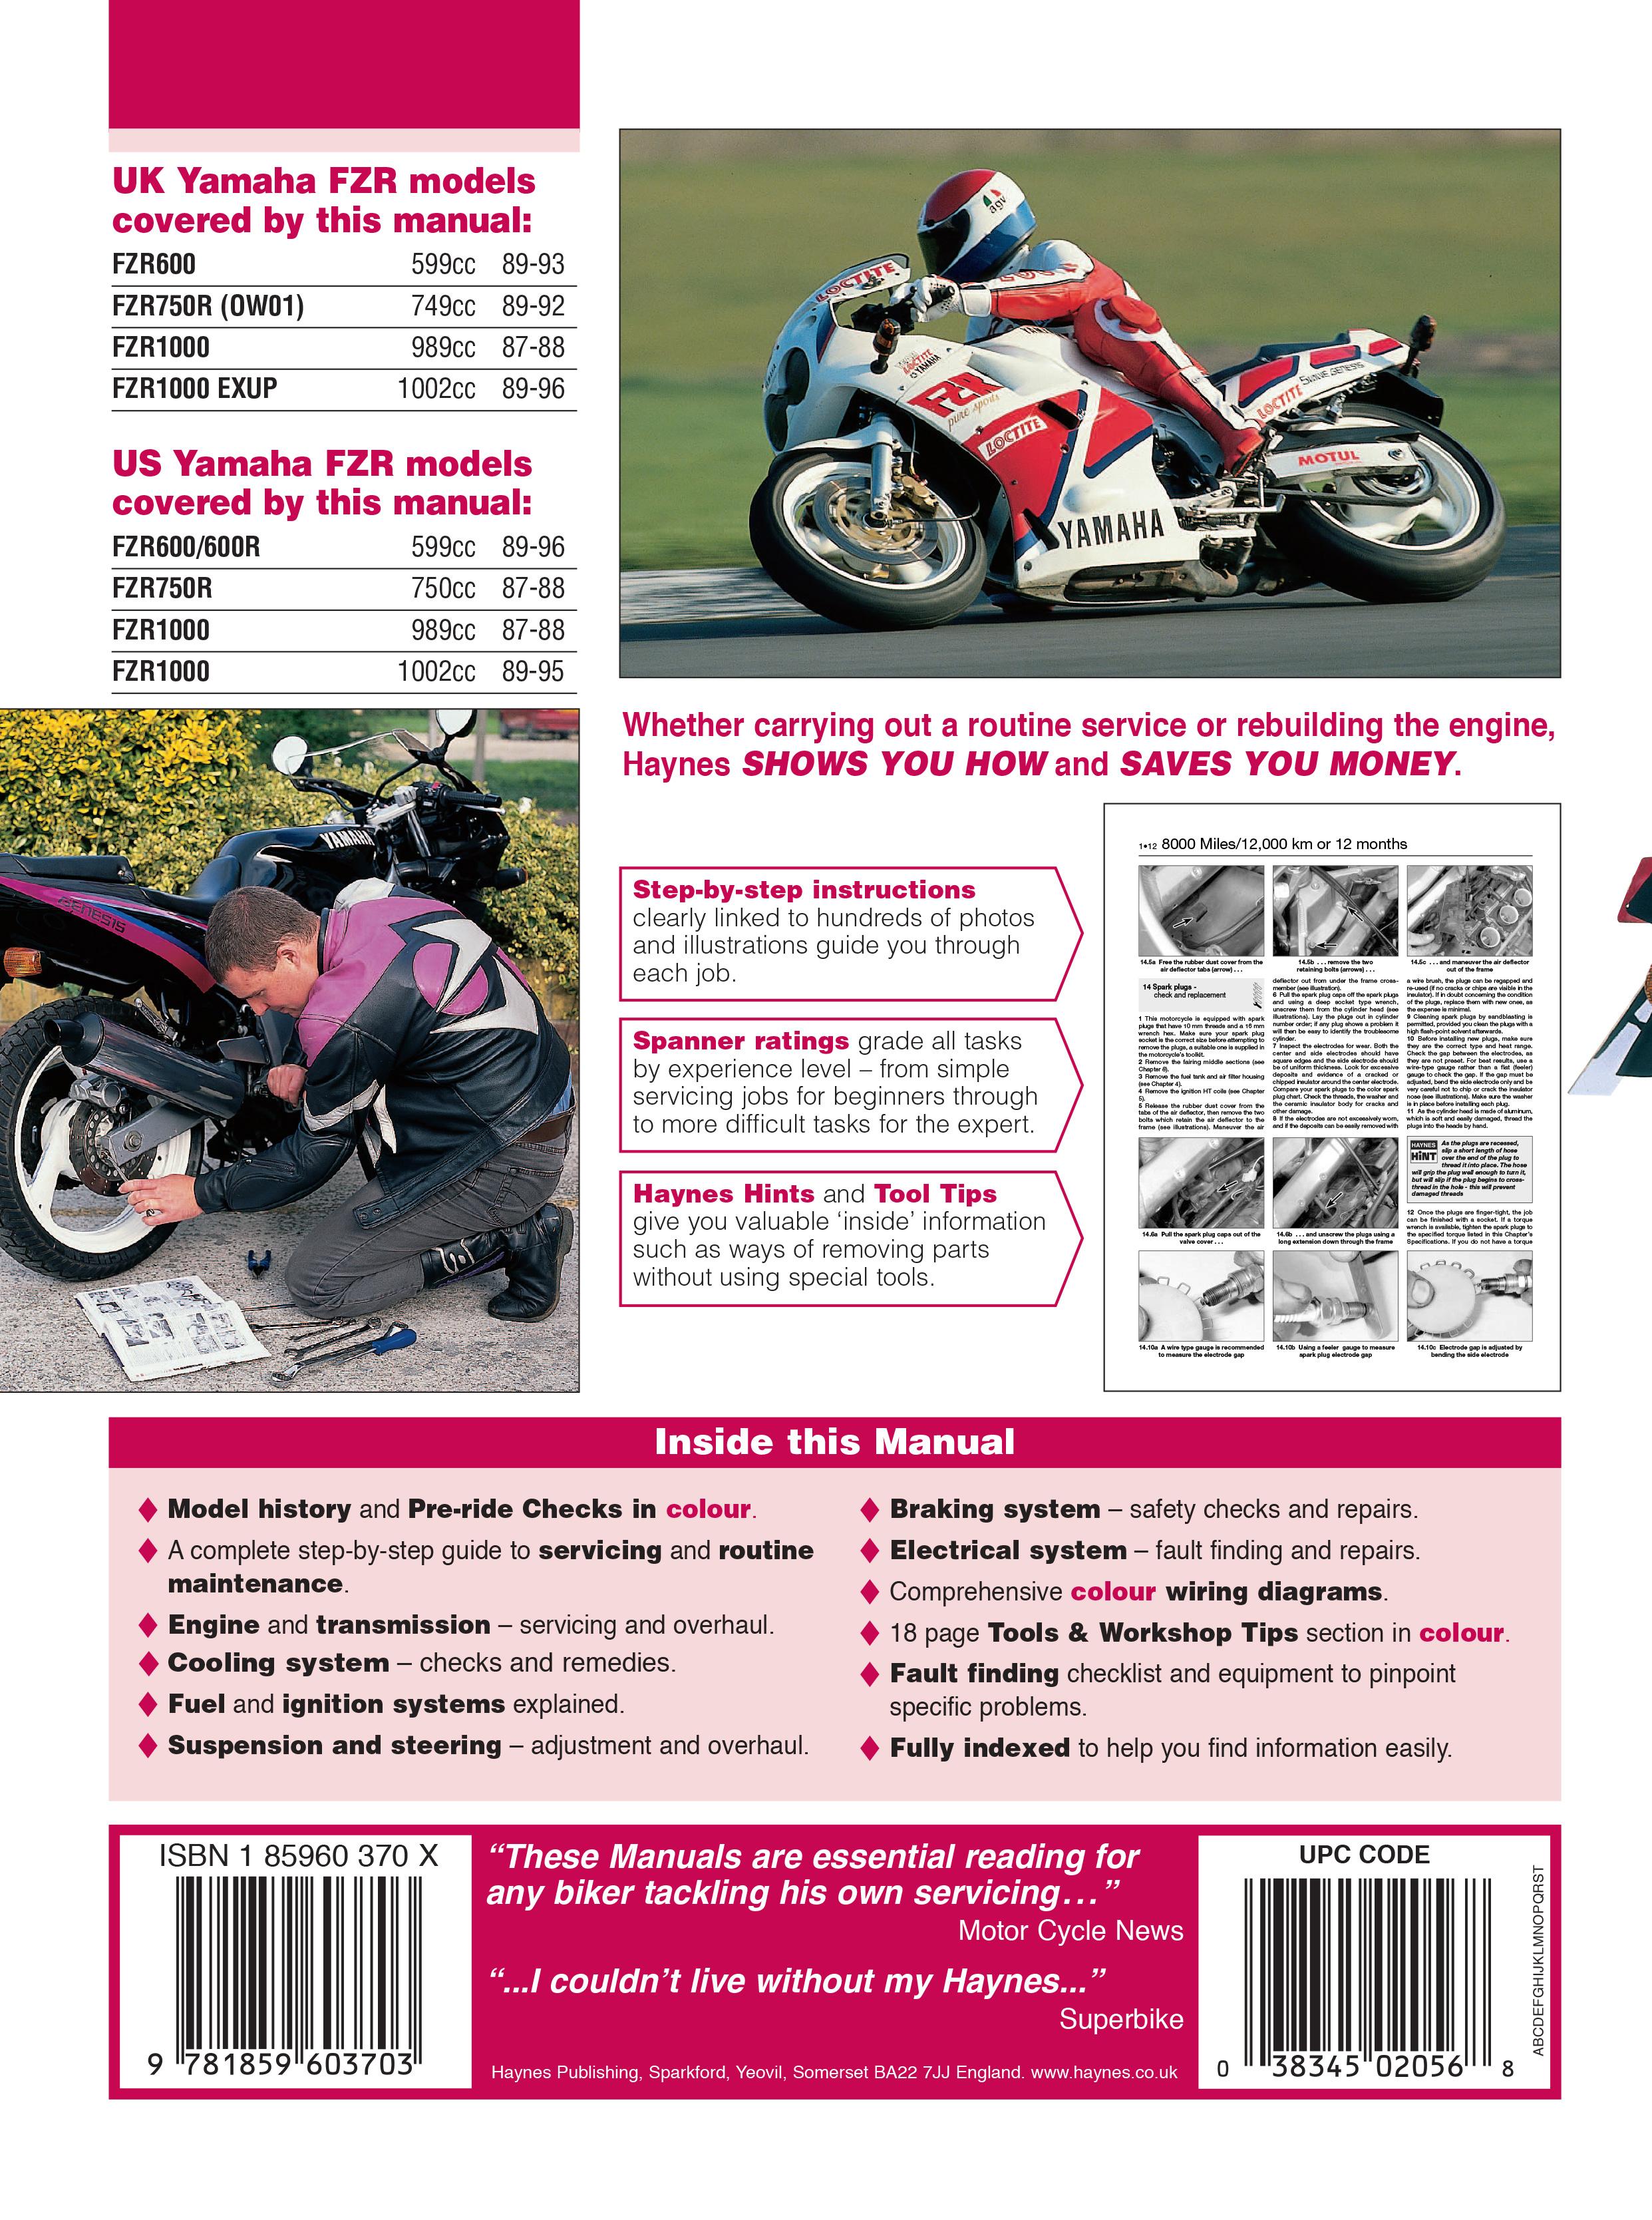 Yamaha FZR600 for (89-96), FZR750 (87-88) &